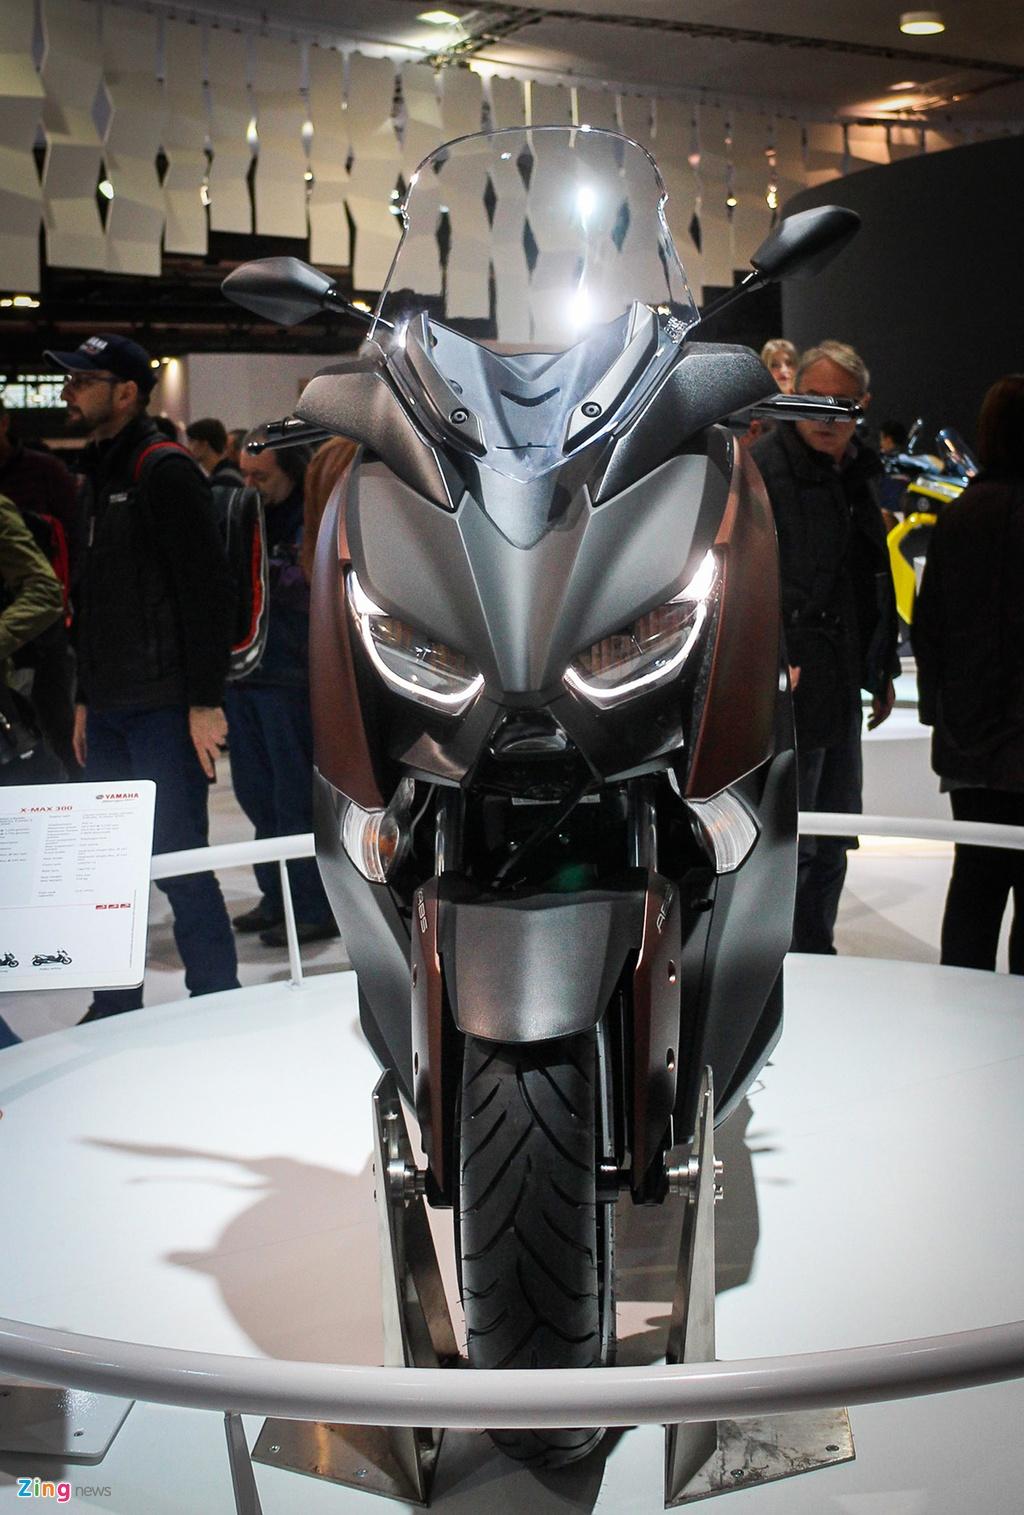 Yamaha X-MAX ve Viet Nam anh 1